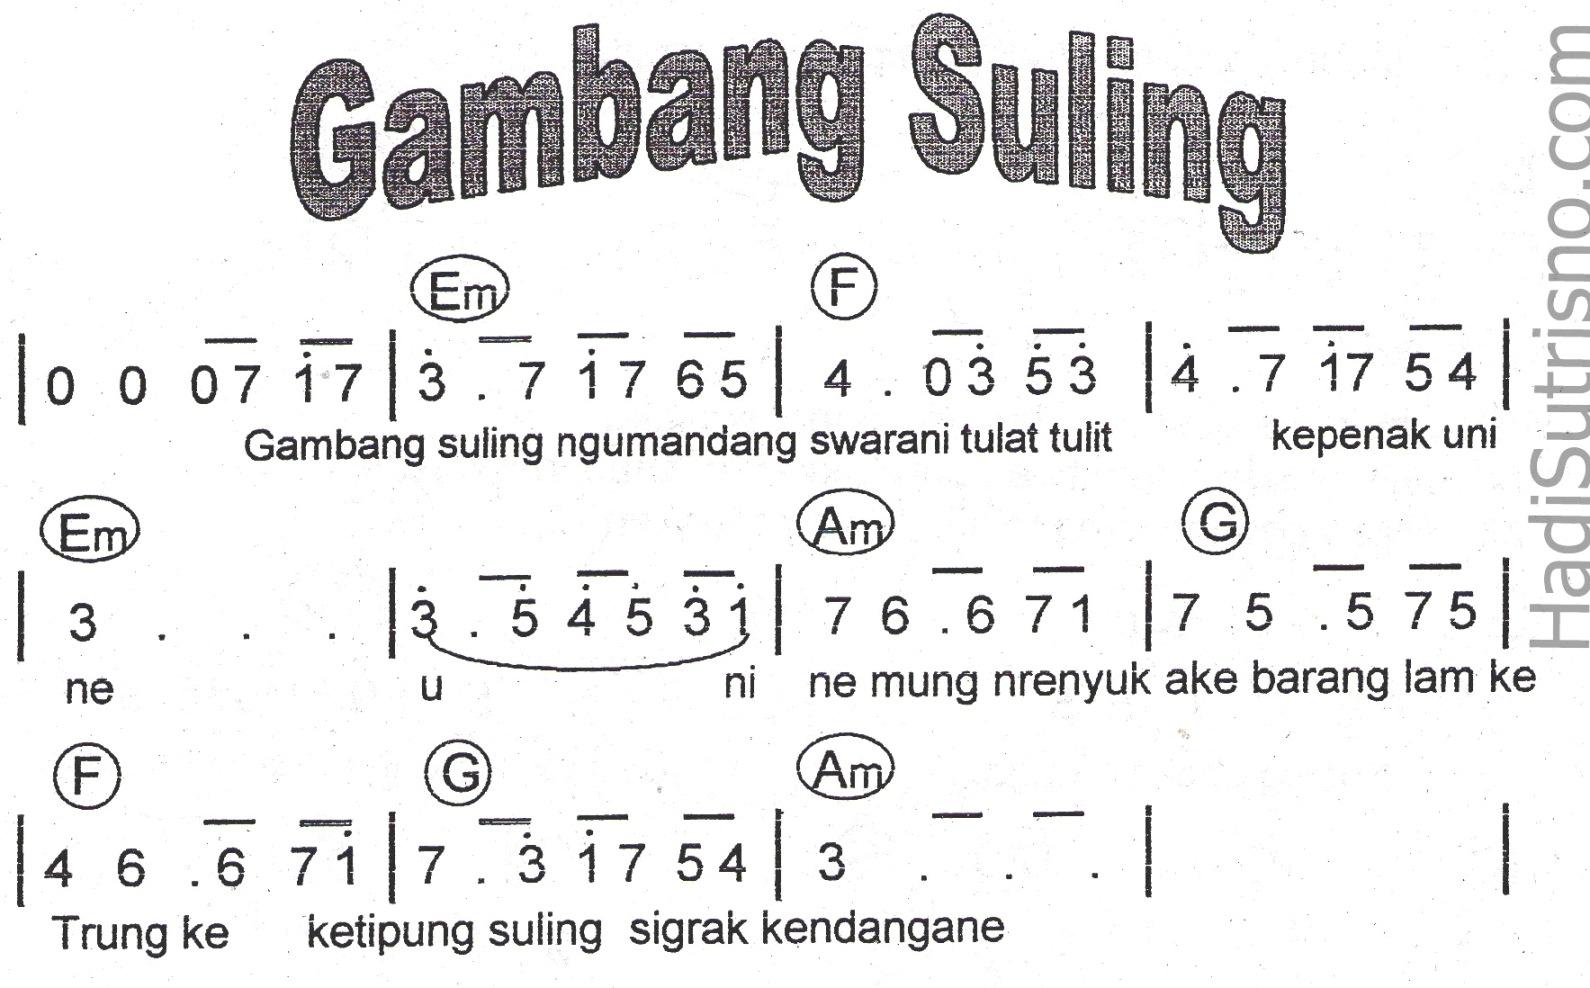 B@goes: CHORD LAGU GAMBANG SULING